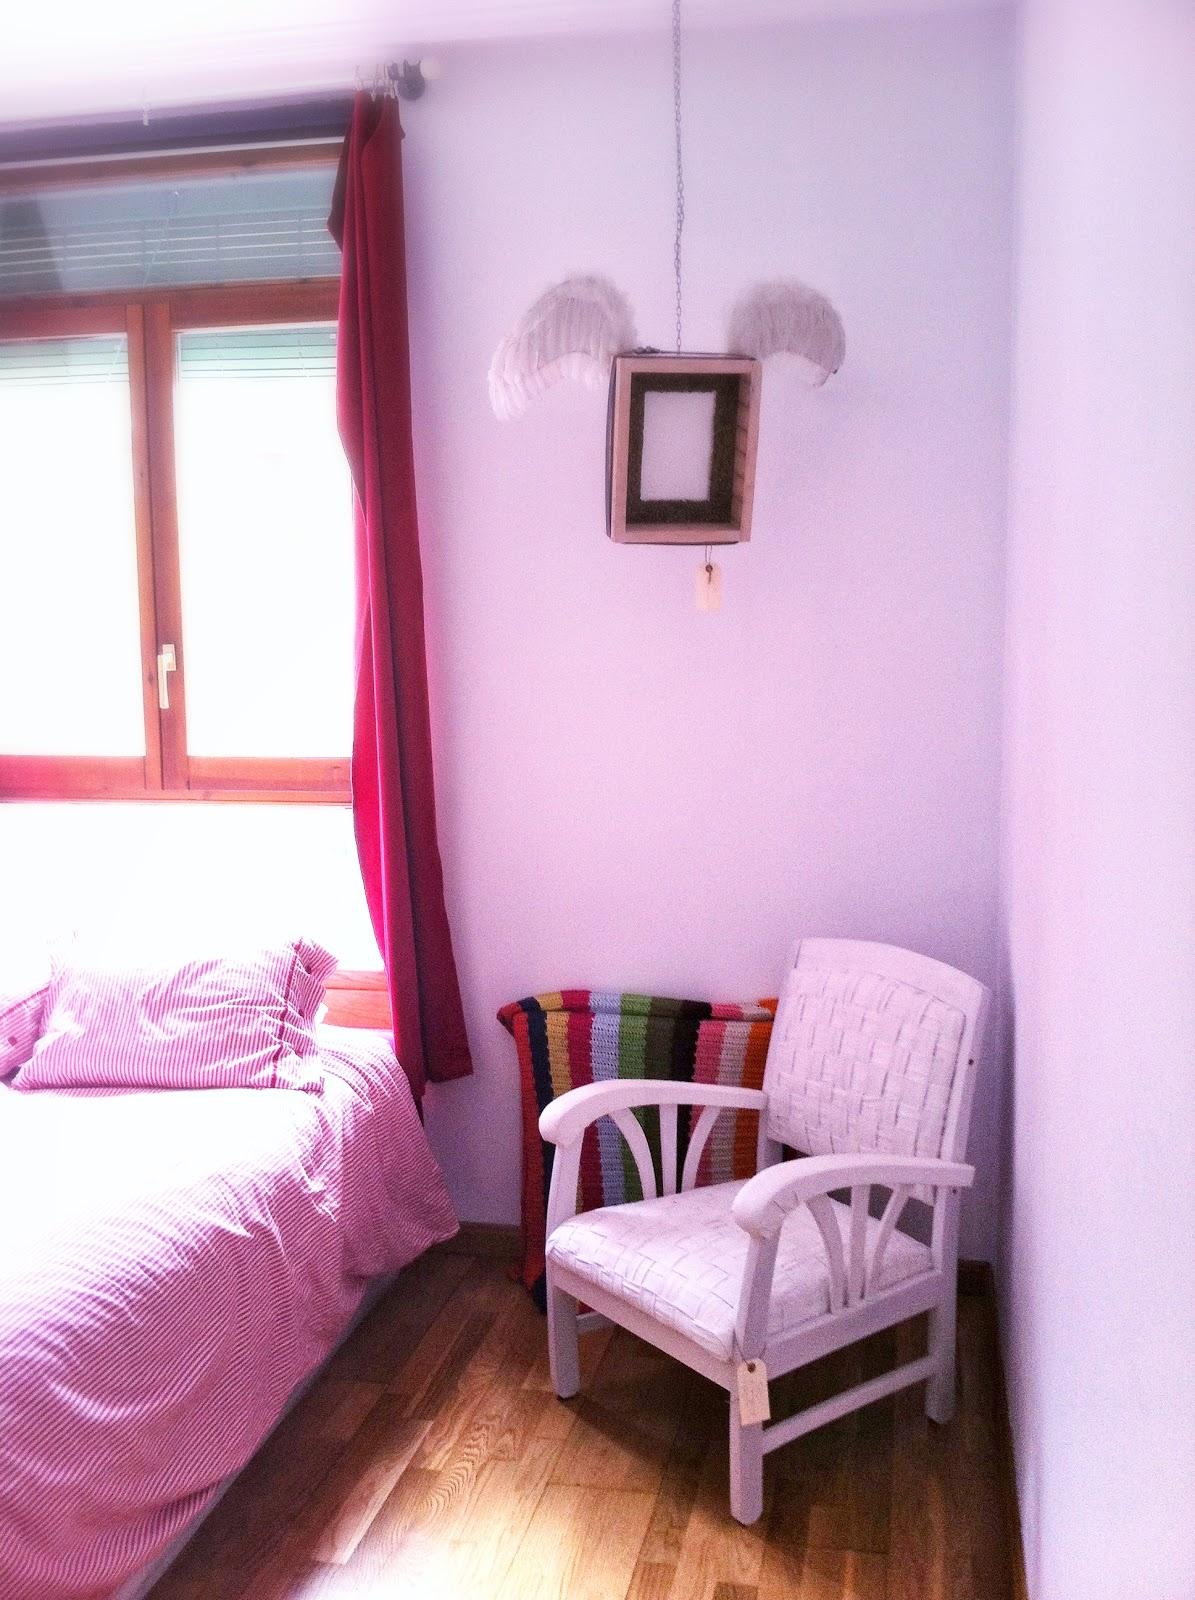 Muebles Vestidos Tag P Tula Plas Muebles Y Decoraci N # Muebles Nuevo Hogar